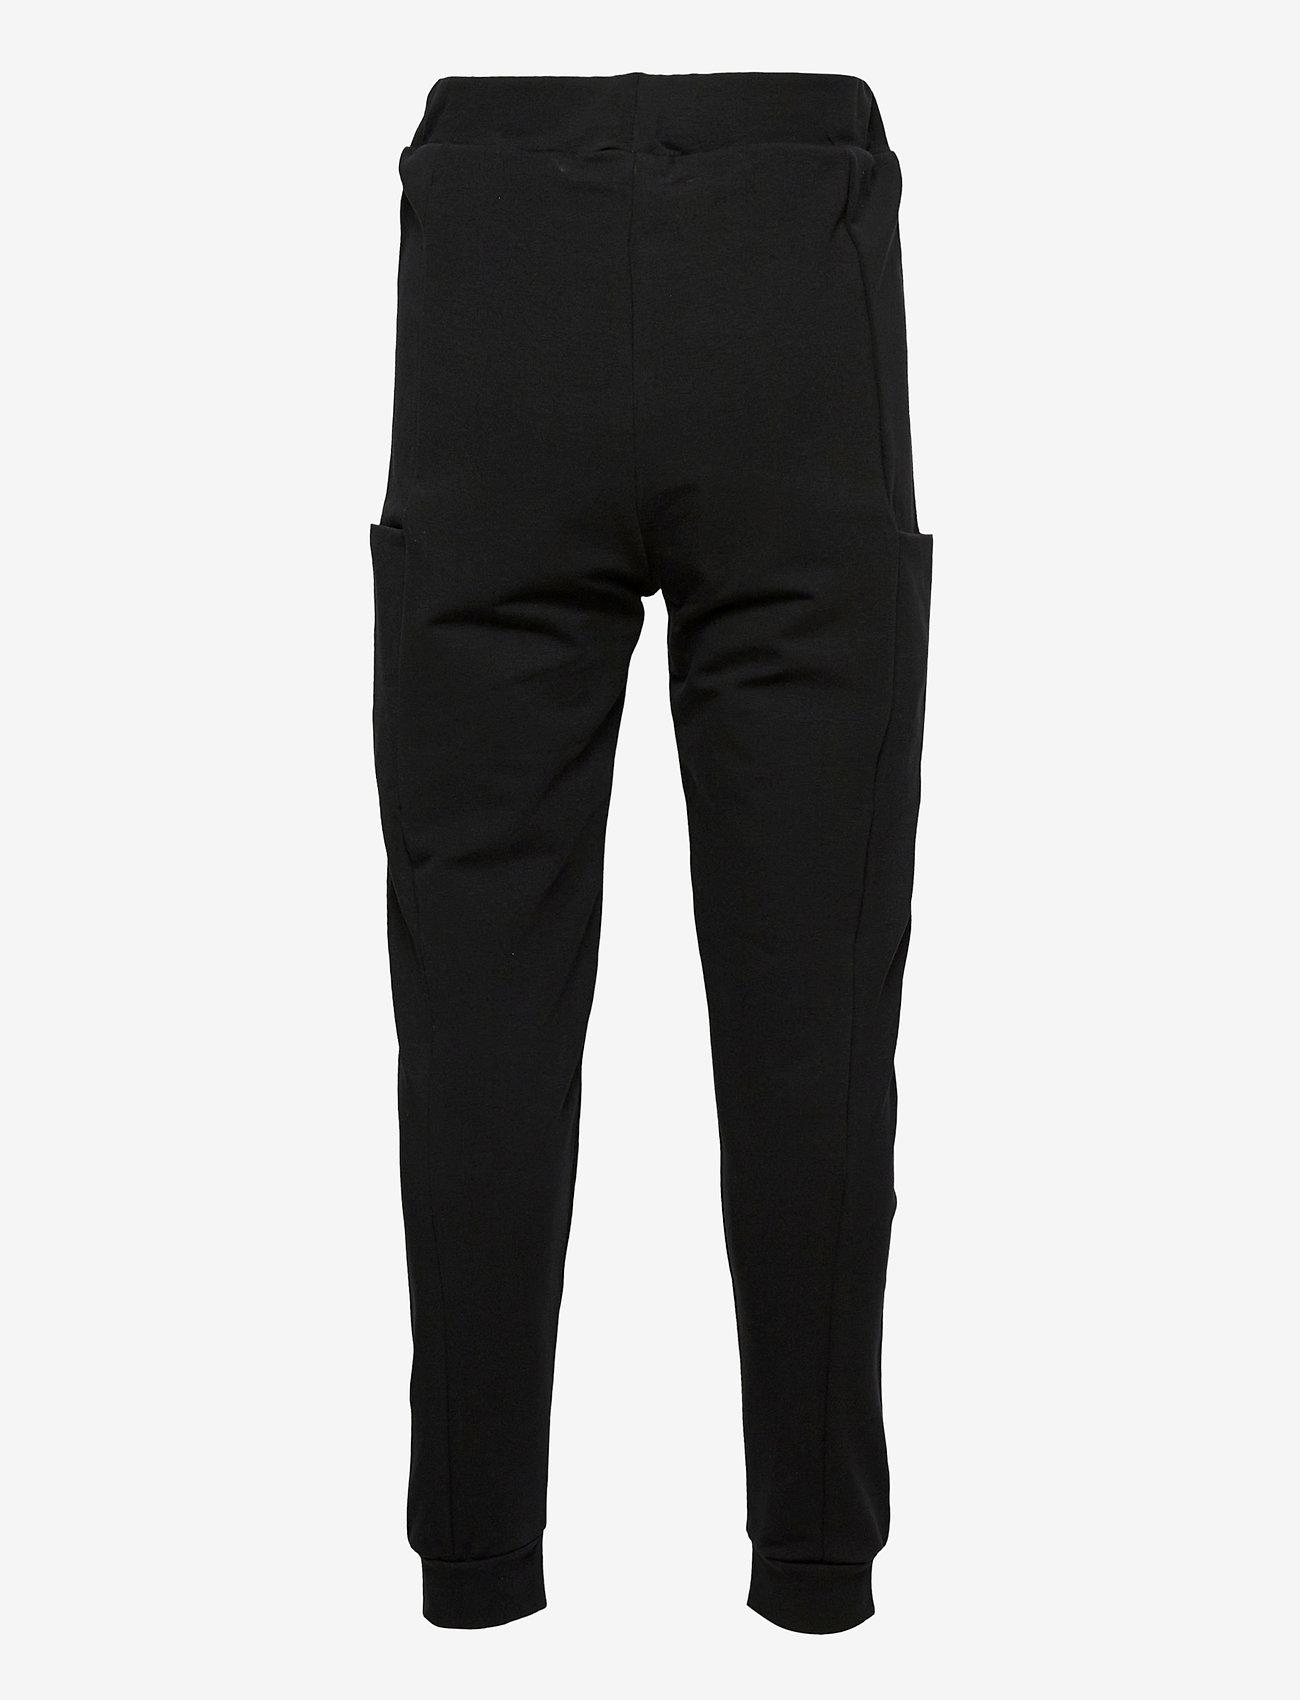 Papu - THIGH POCKET PANTS KID - jogginghosen - black - 1